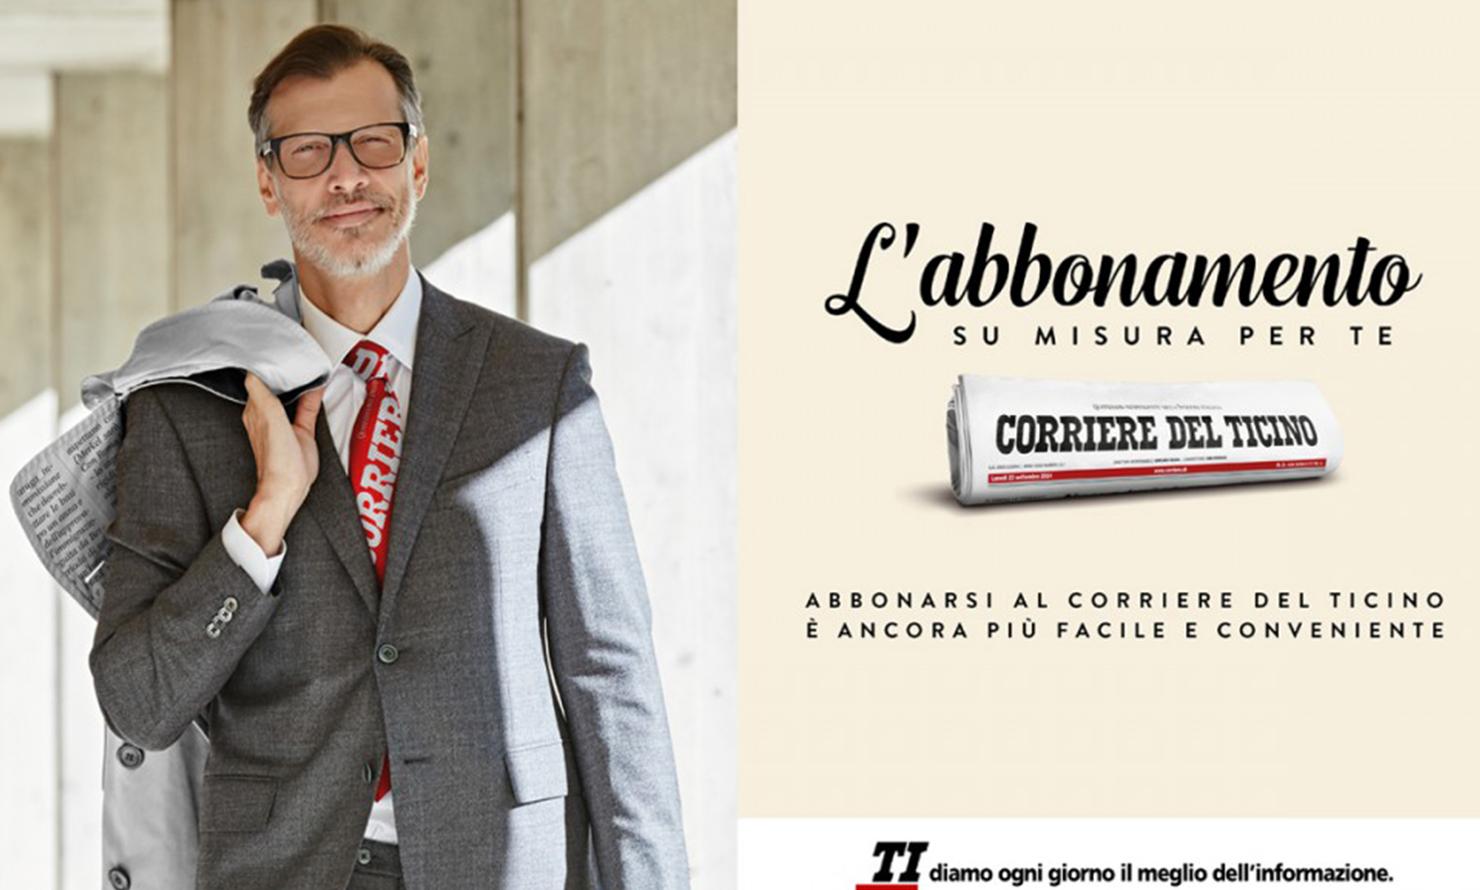 https://kubelibre.com/uploads/Slider-work-tutti-clienti/corriere-del-ticino-l-abbonamento-su-misura-per-te-4.jpg